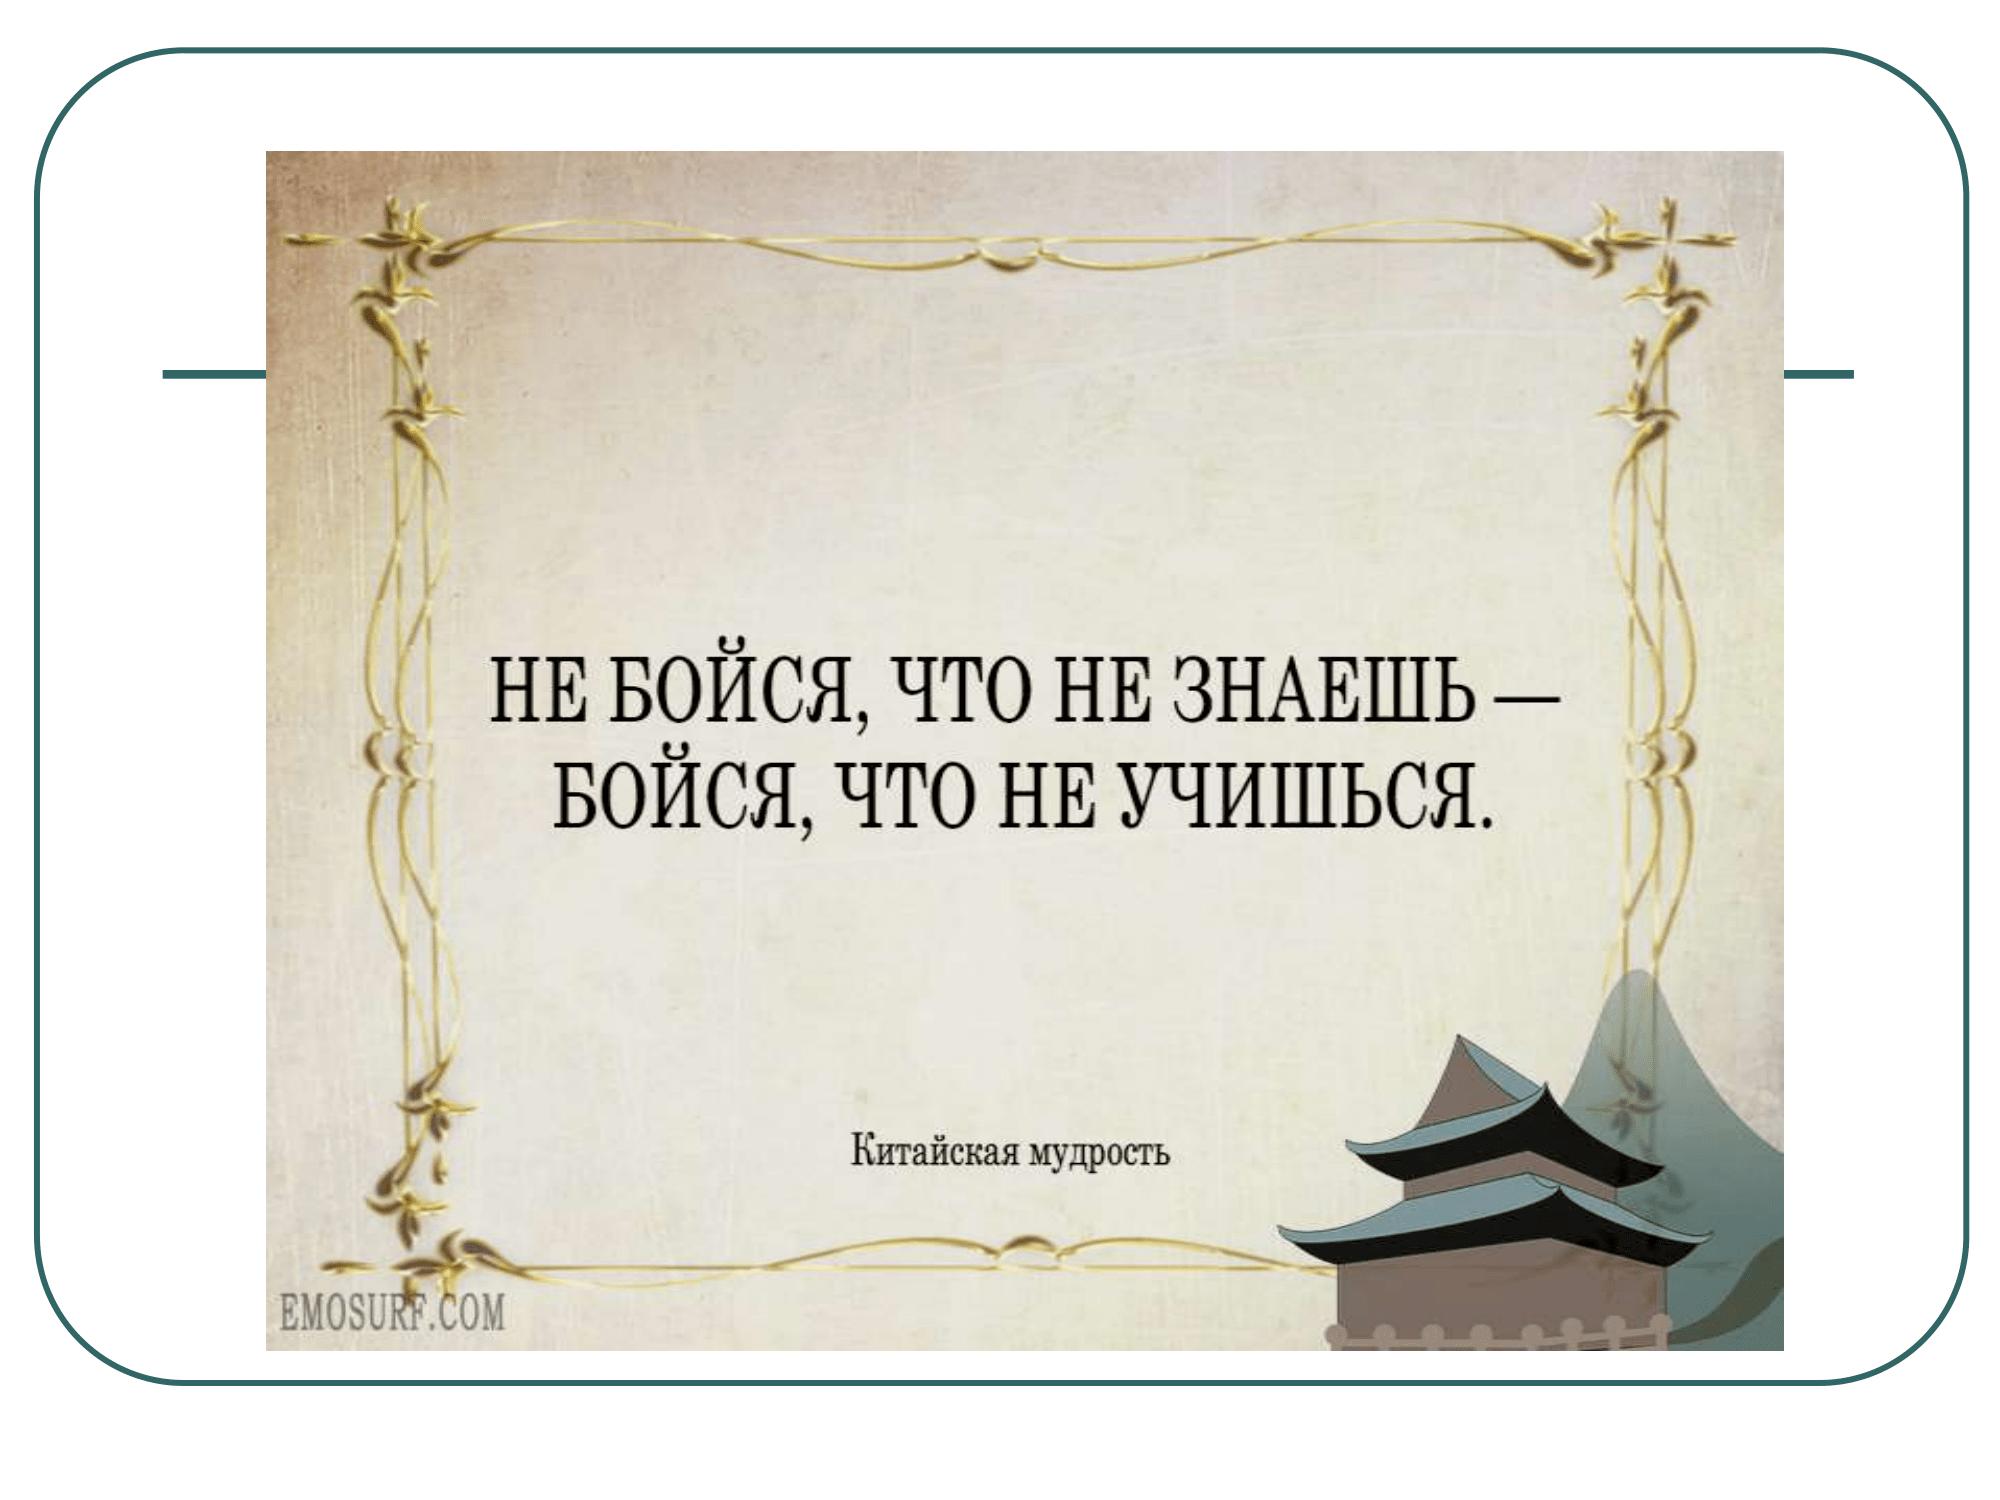 яндекс учебник. Презентация к докладу Васильченко Т.В._0021